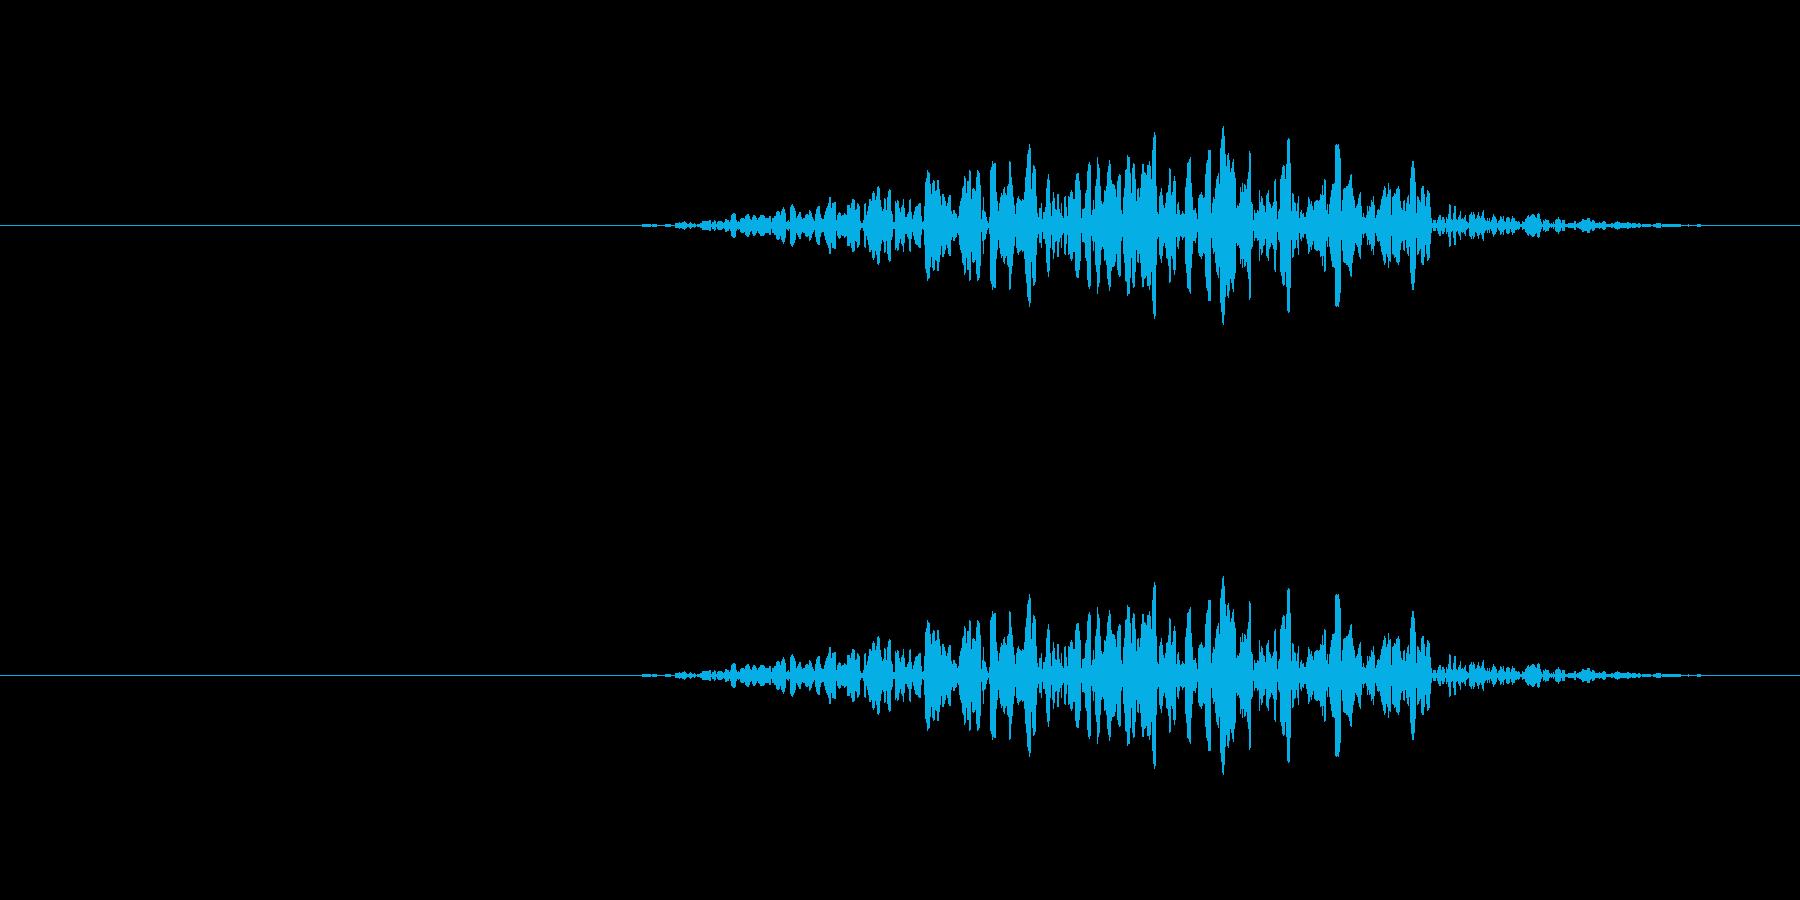 地面を物が擦る音の再生済みの波形